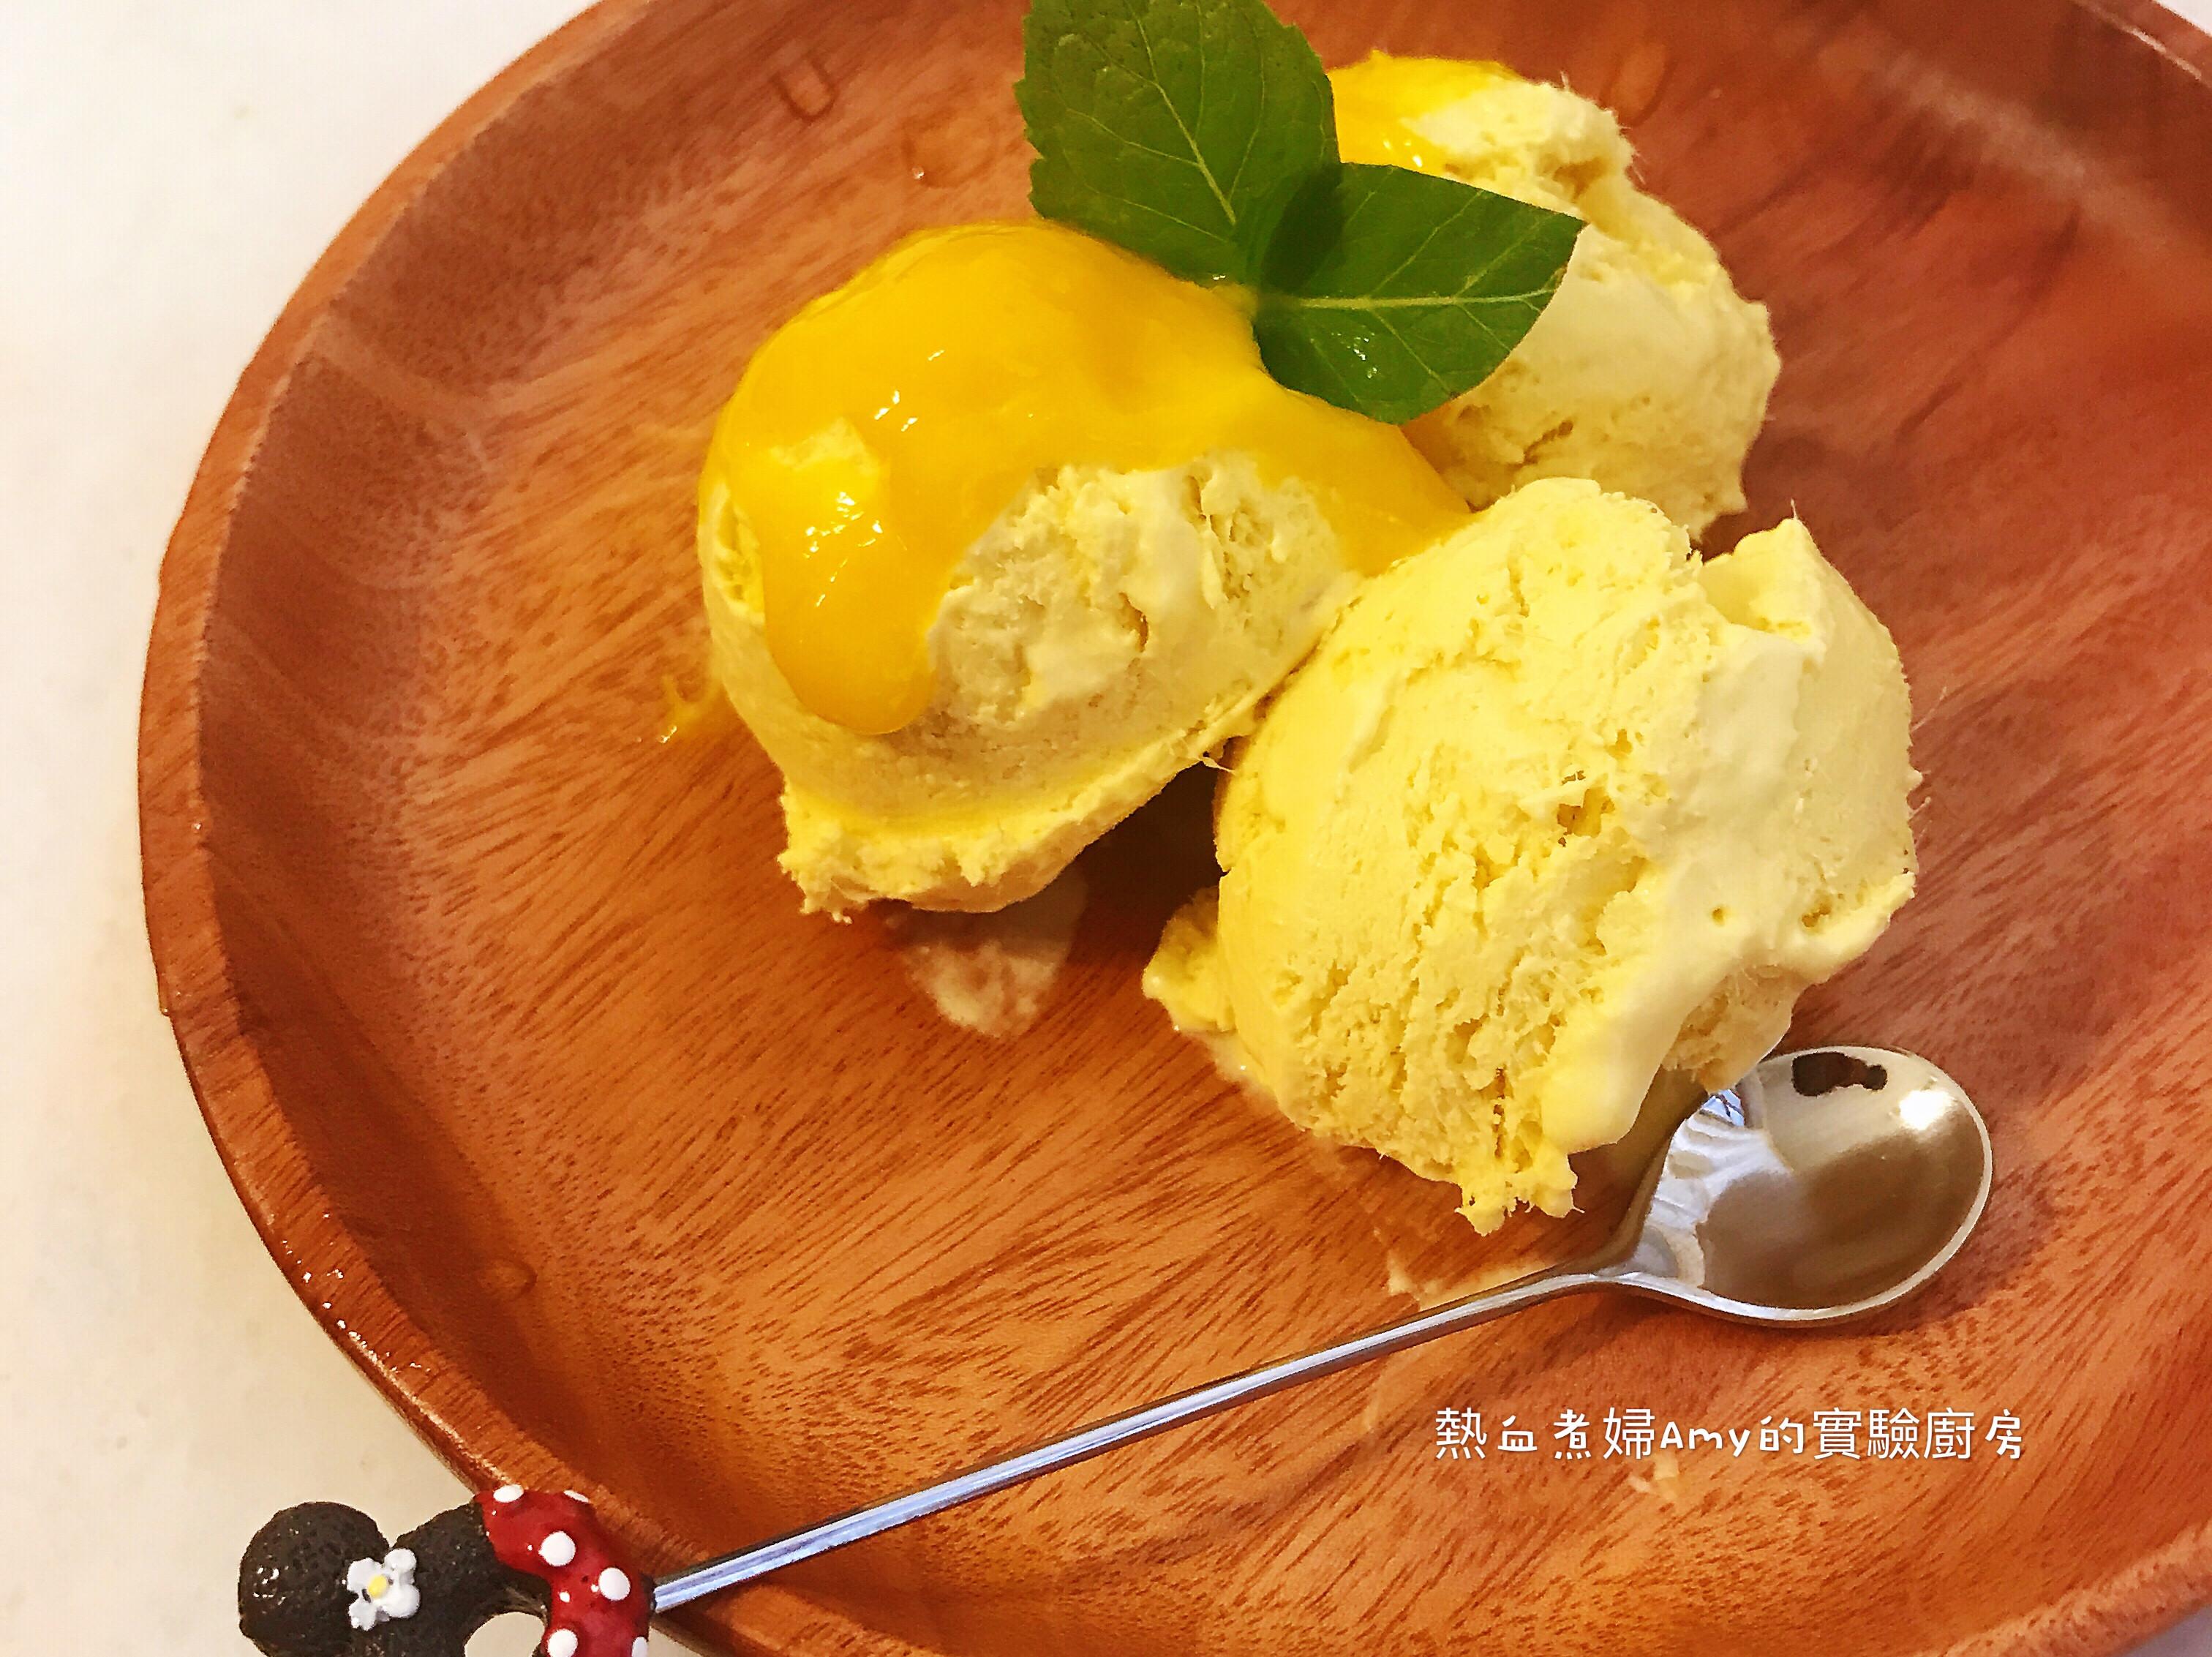 👩🍳手工芒果冰淇淋